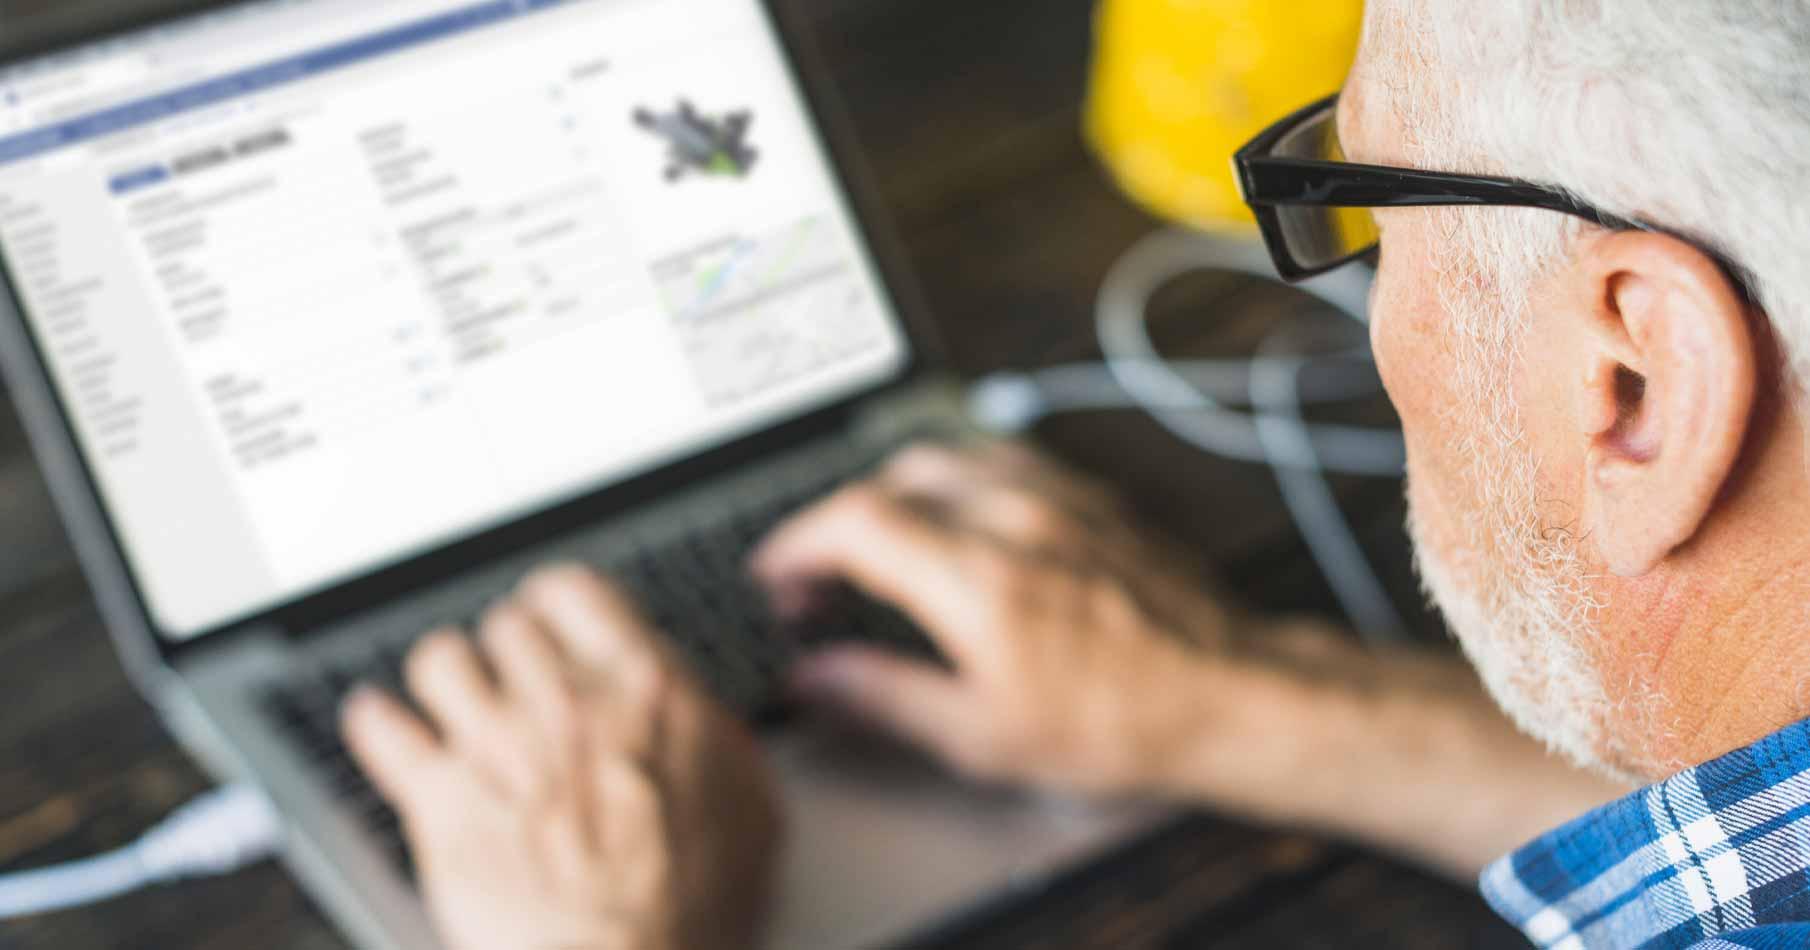 Äldre man med grått hår, skägg samt glasögon sittandes vid ett skrivbort och tittar på verktygsinventering i sin laptop.